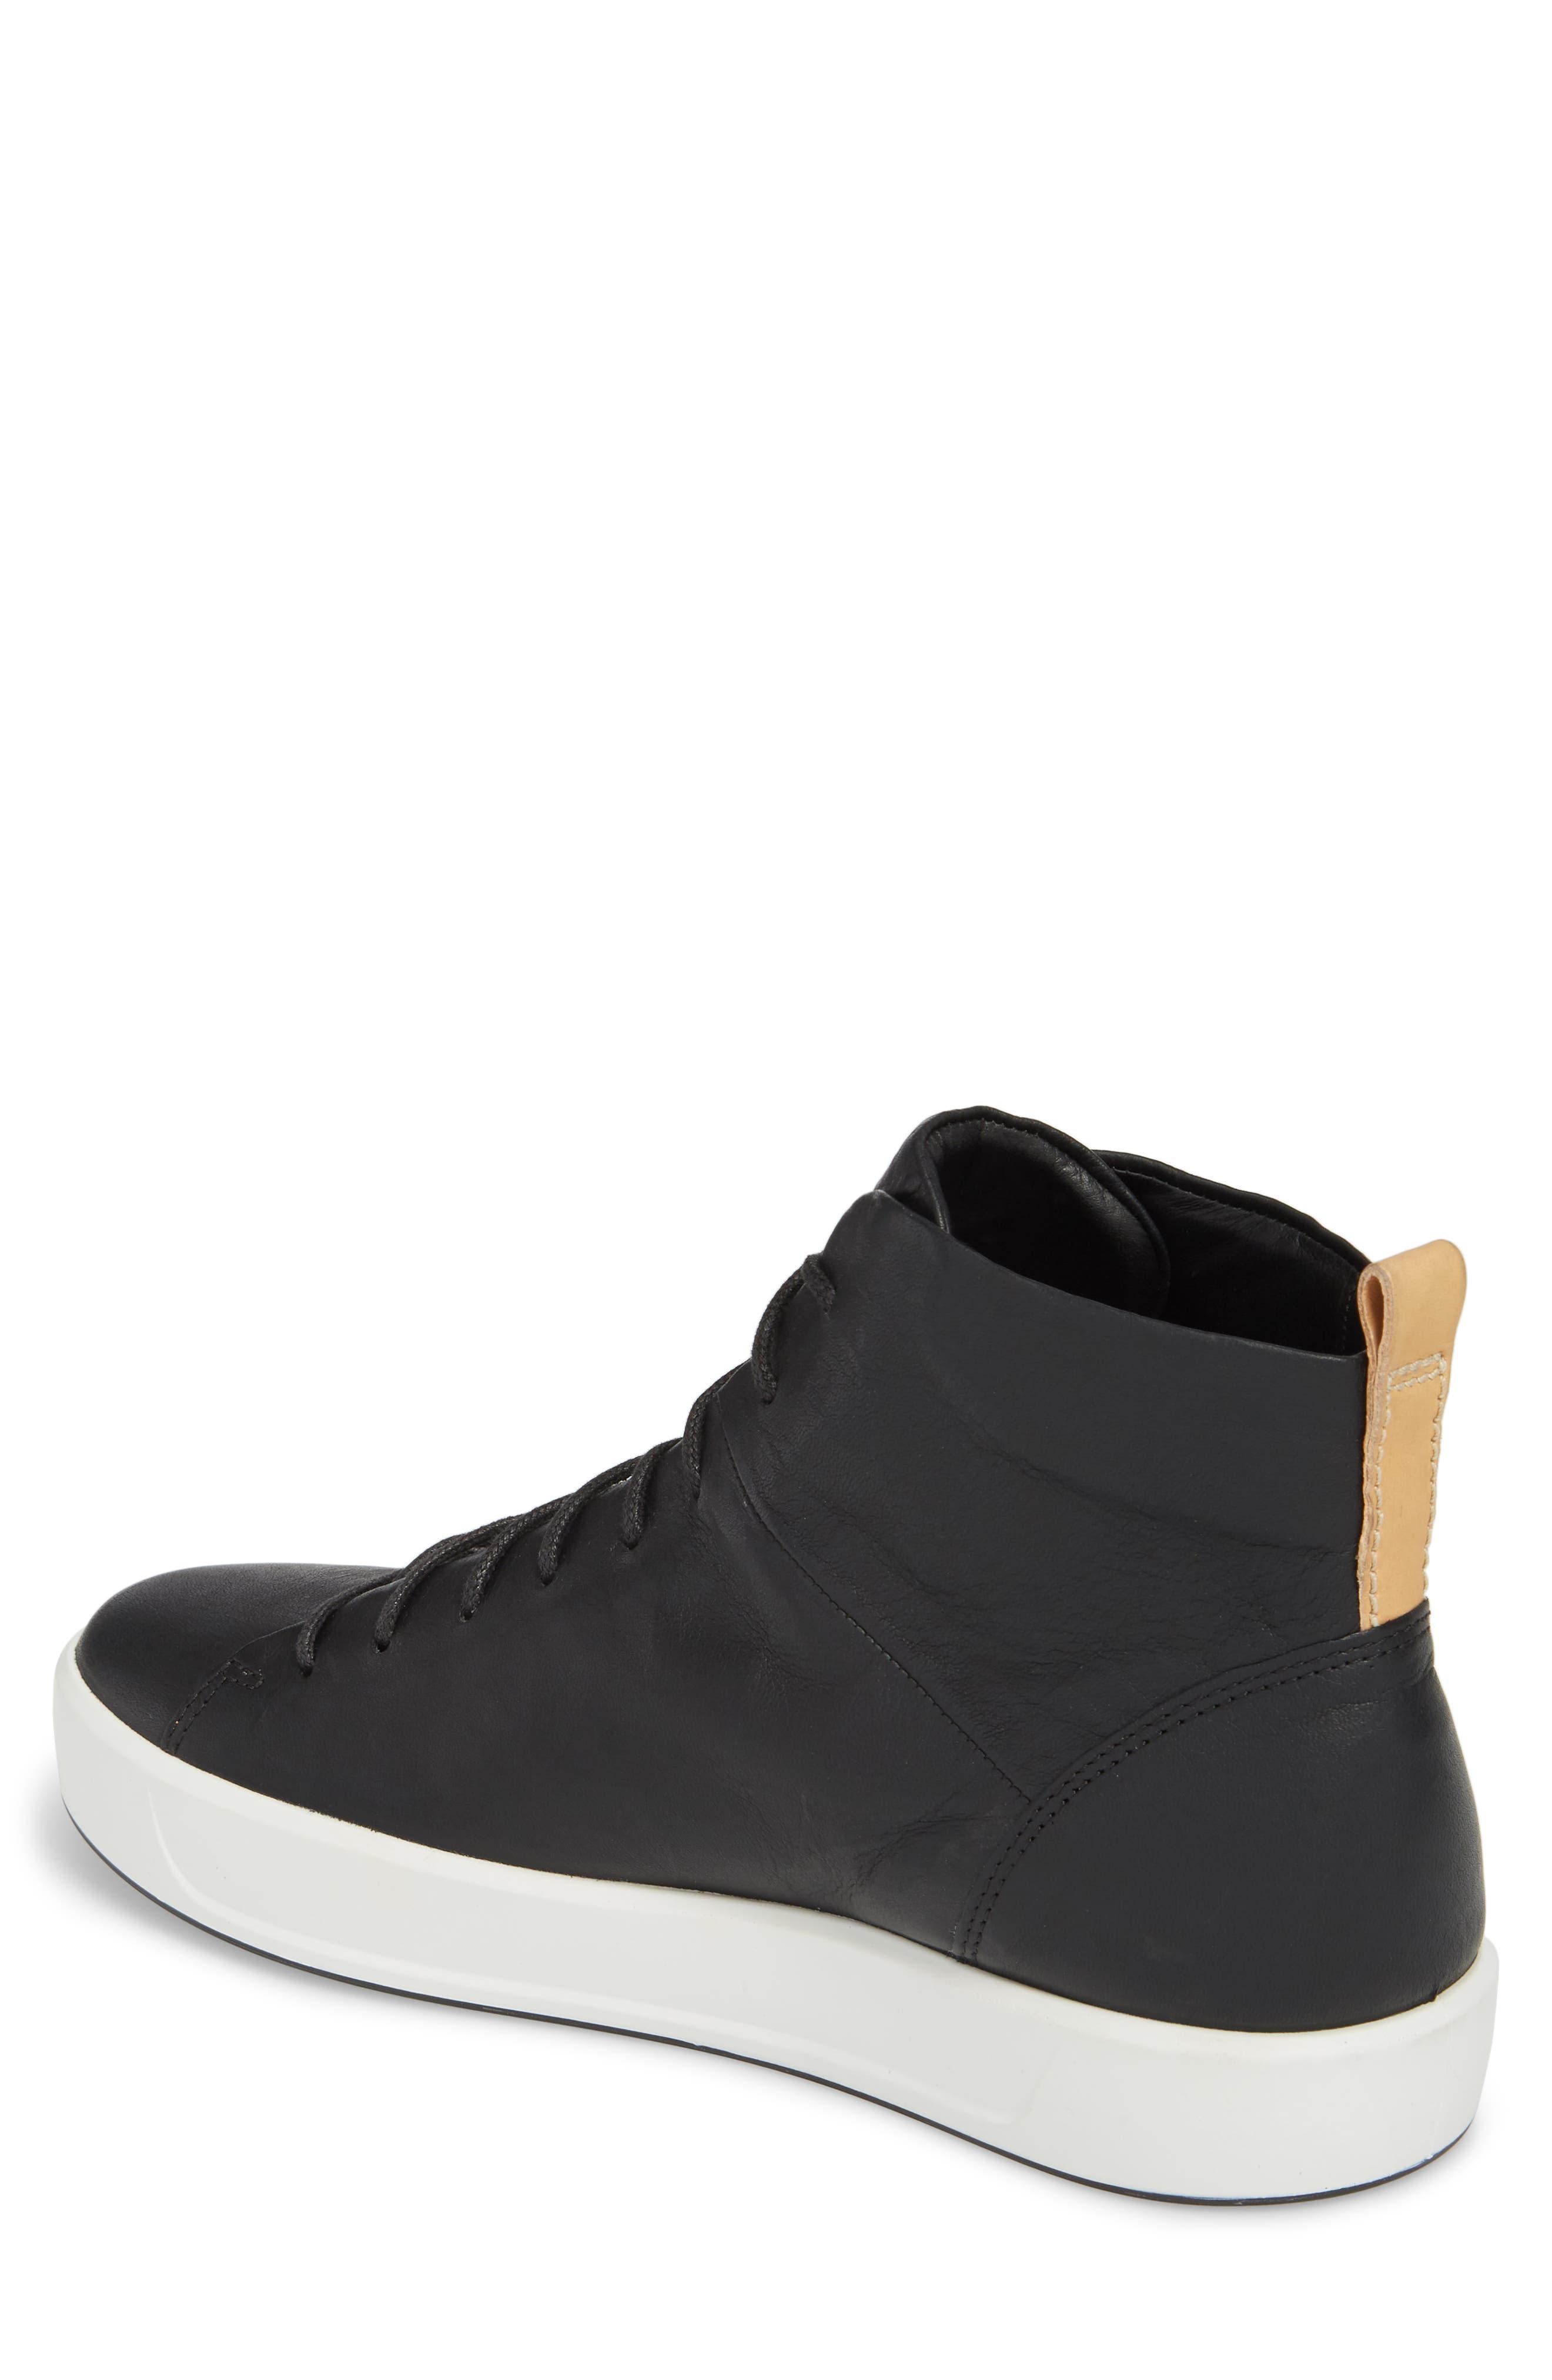 Soft 8 Sneaker,                             Alternate thumbnail 2, color,                             001